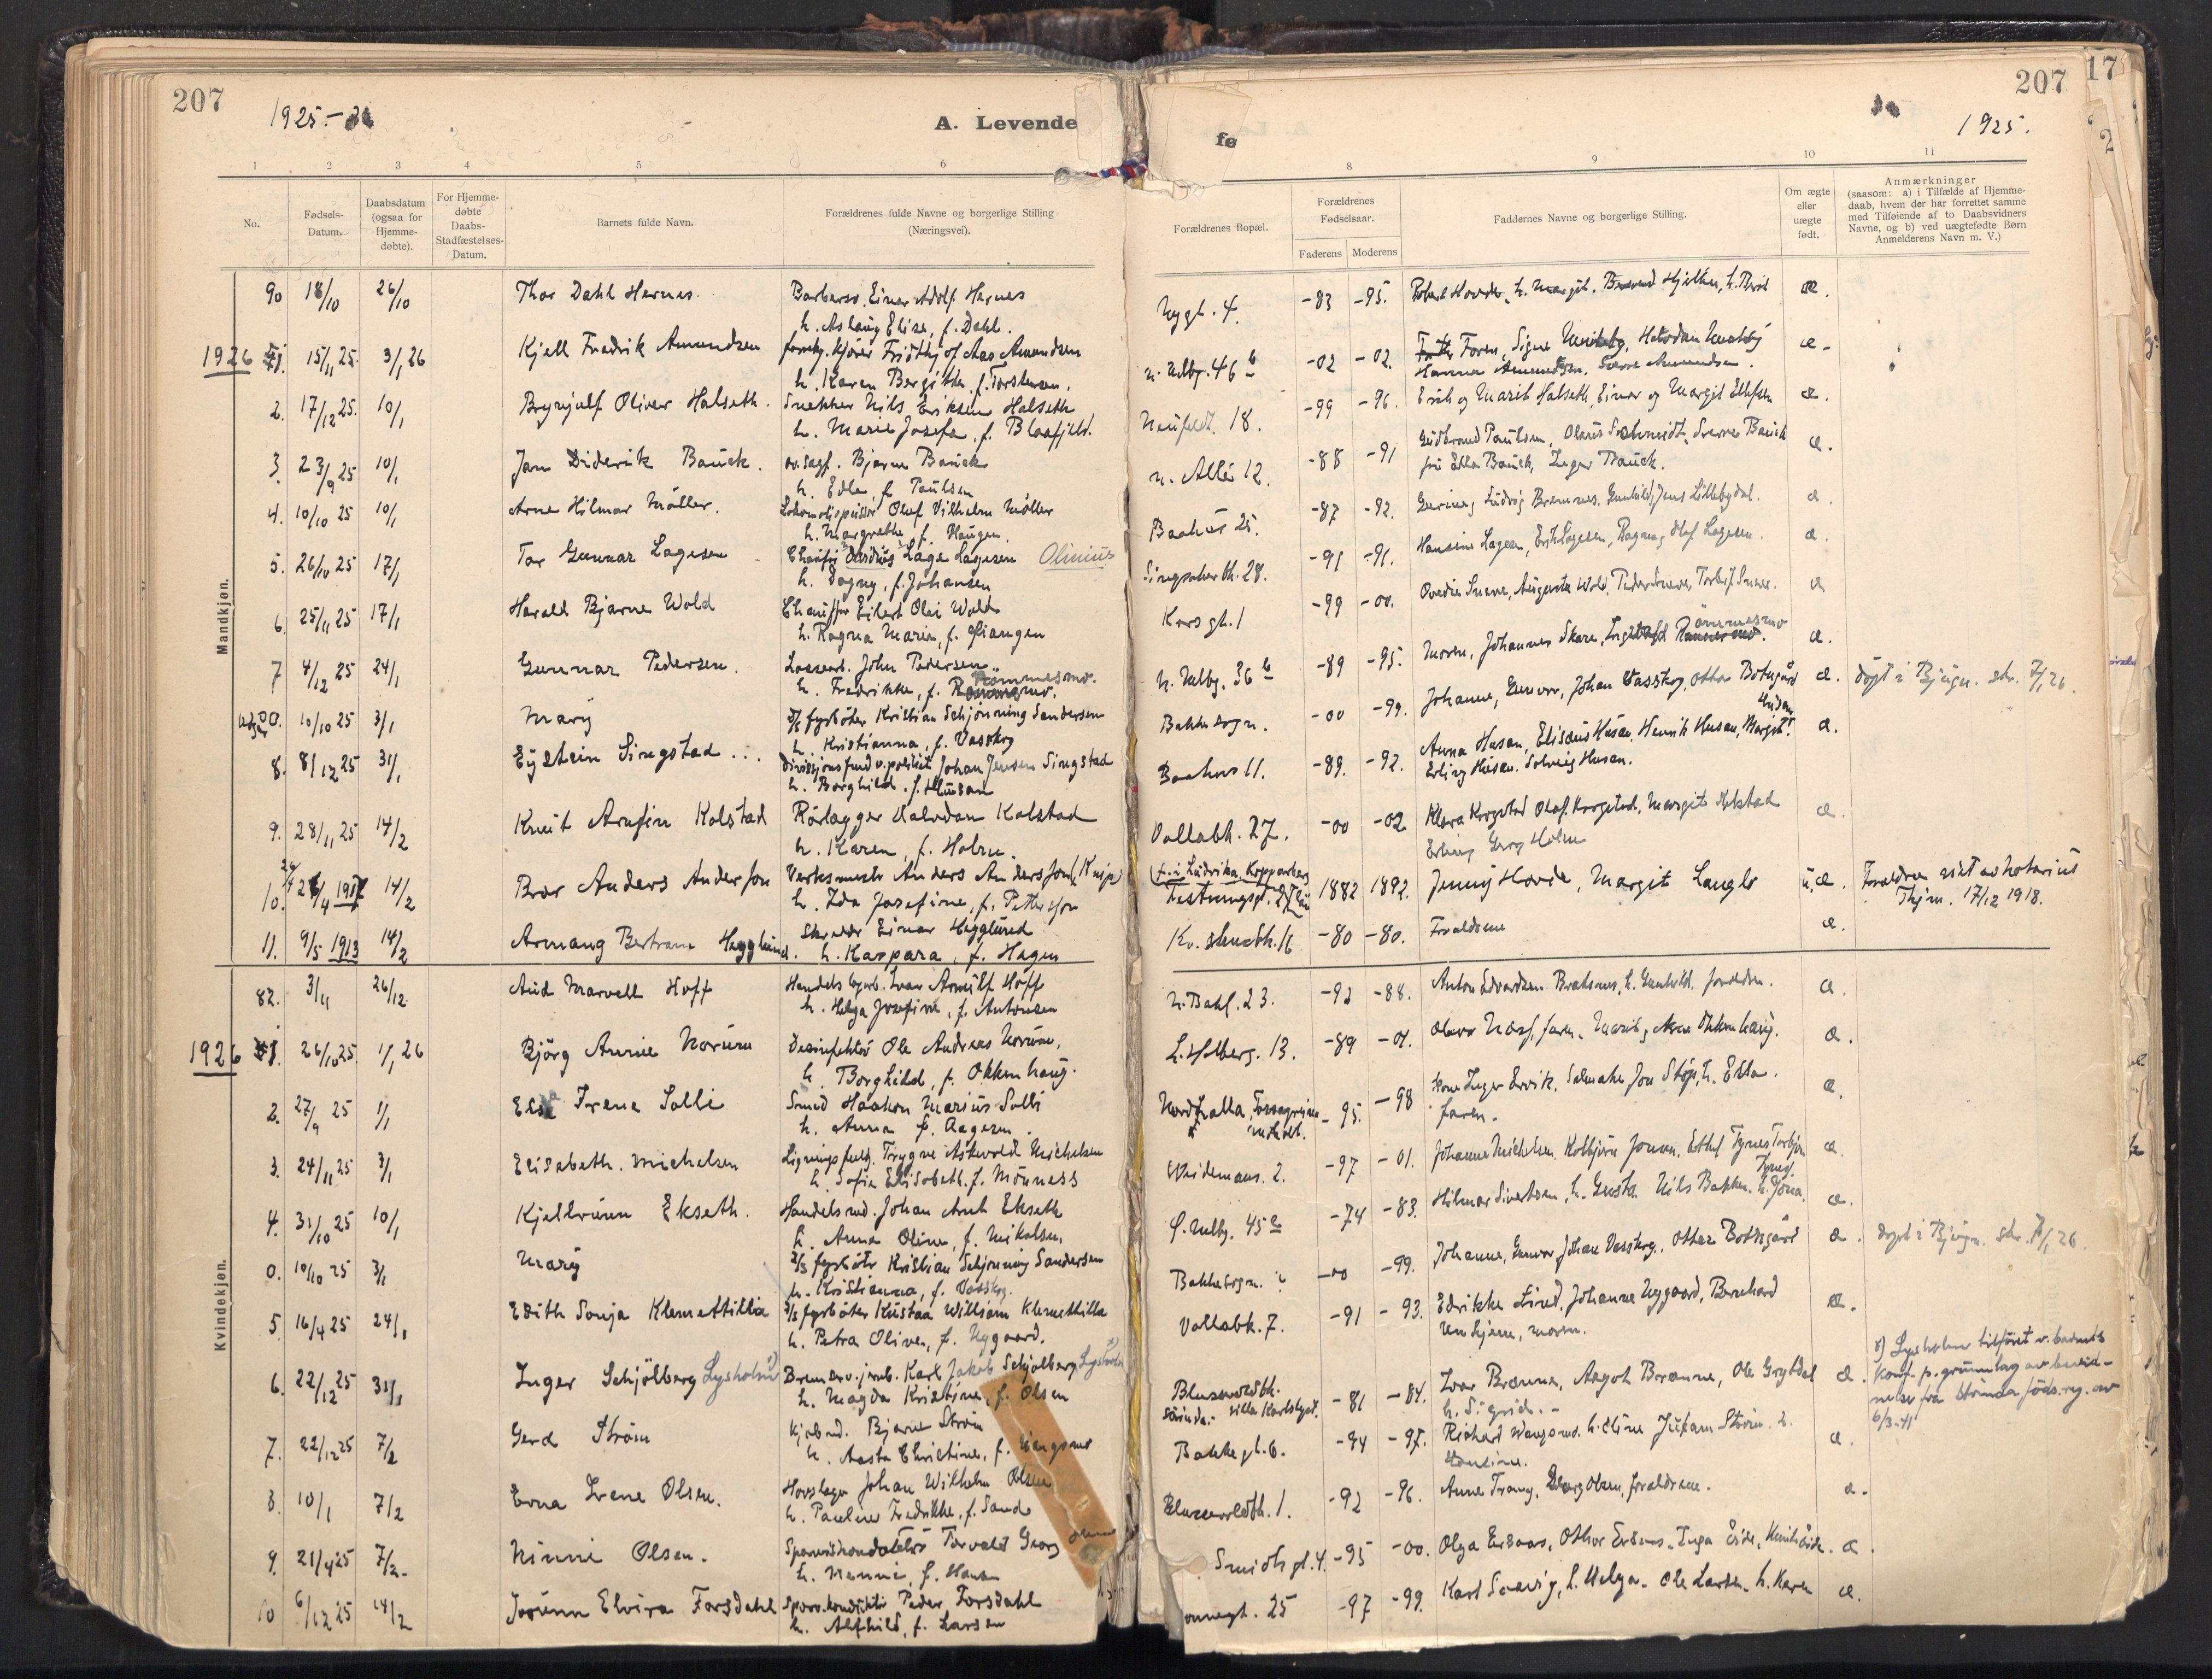 SAT, Ministerialprotokoller, klokkerbøker og fødselsregistre - Sør-Trøndelag, 604/L0205: Ministerialbok nr. 604A25, 1917-1932, s. 207